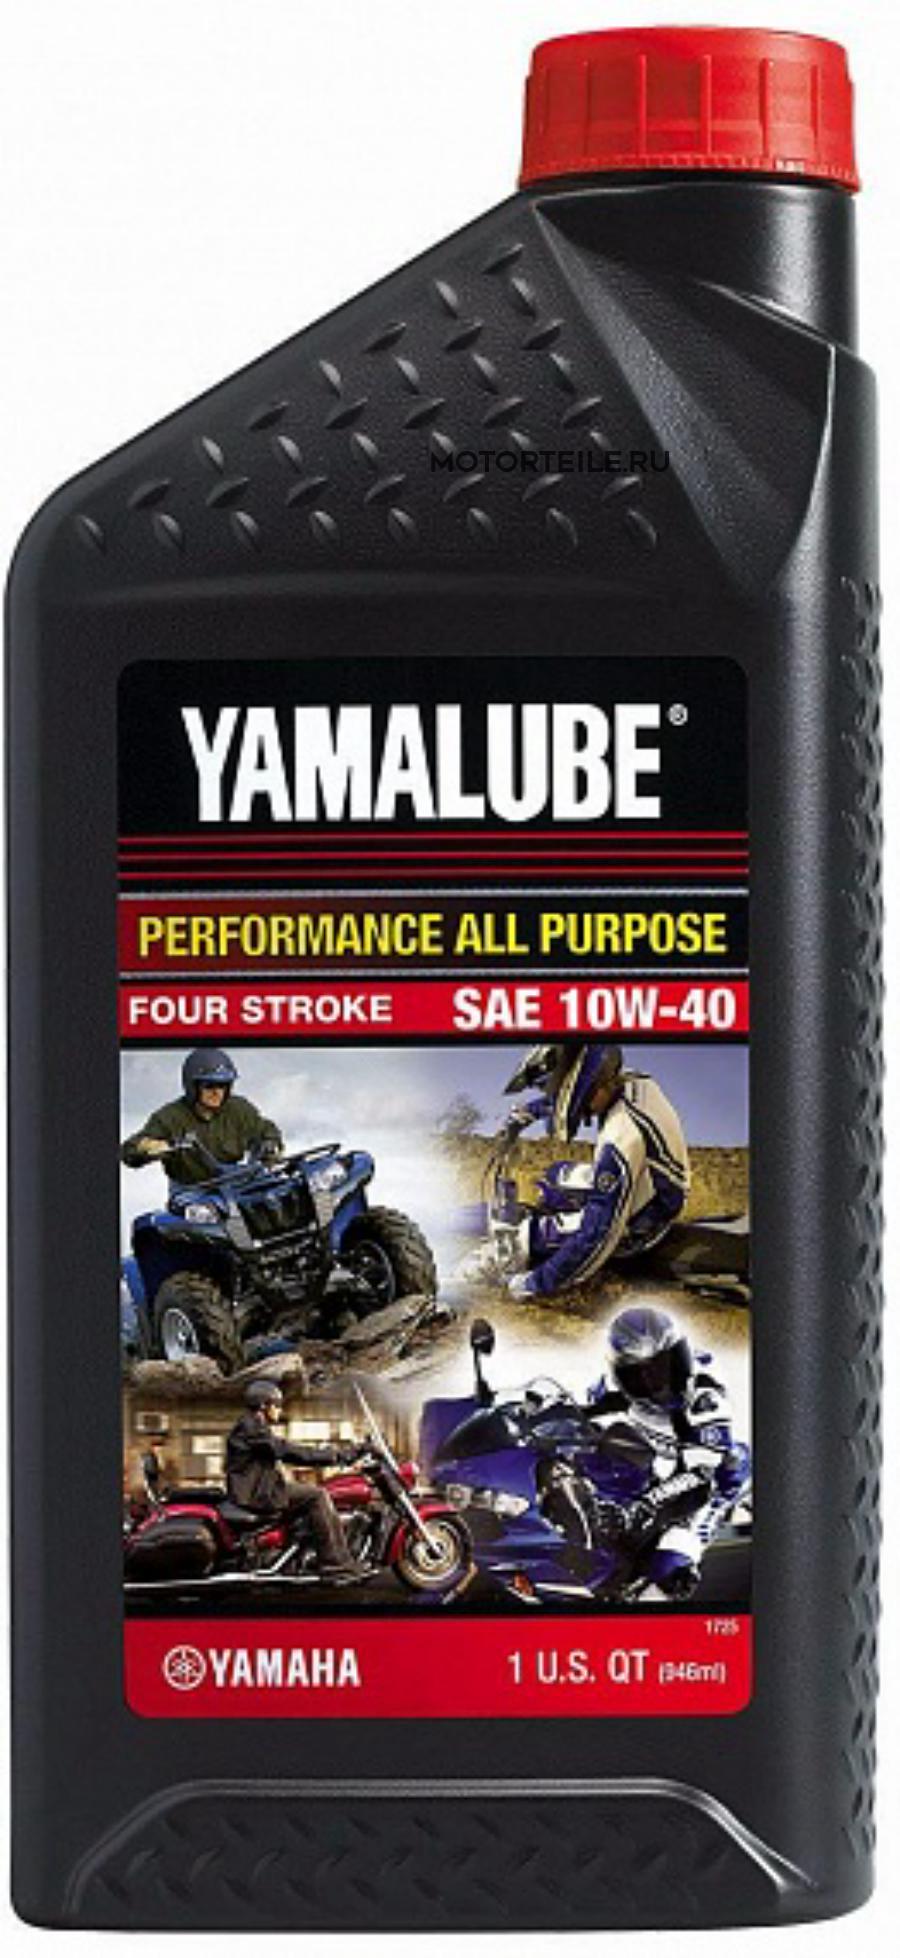 YAMAHA Yamalube 10W-40